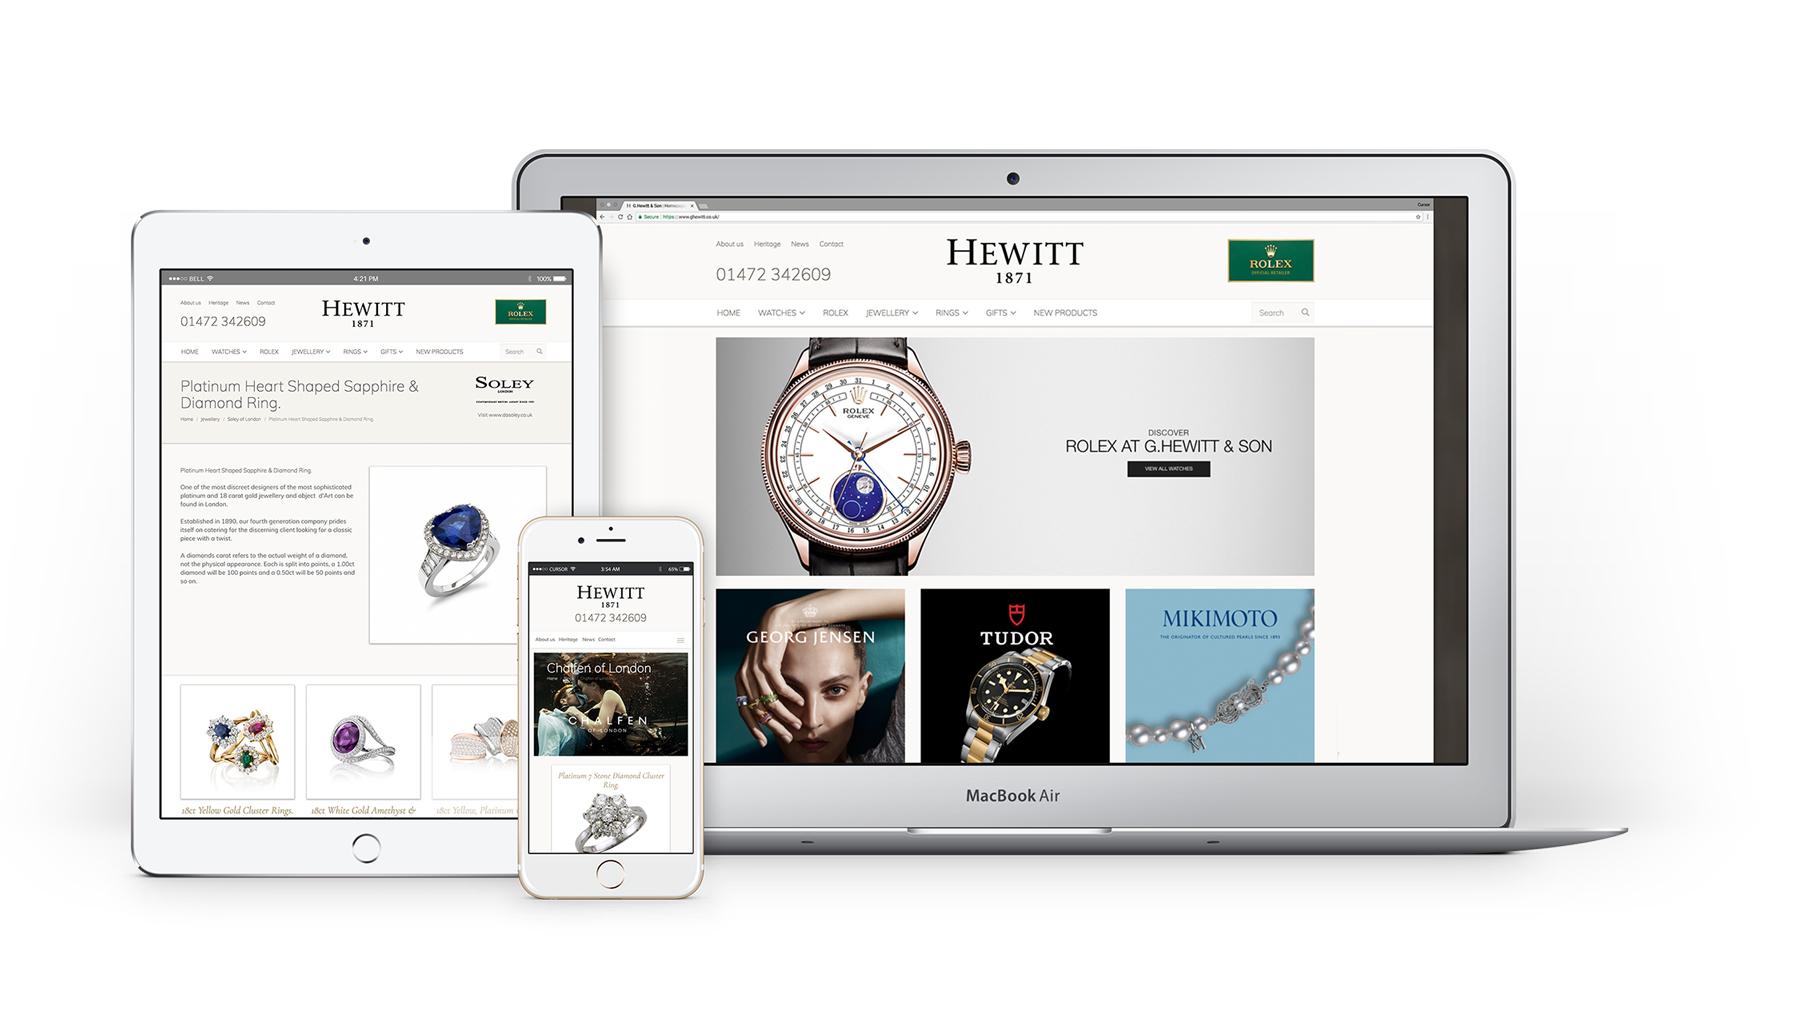 G.Hewitts responsive web design